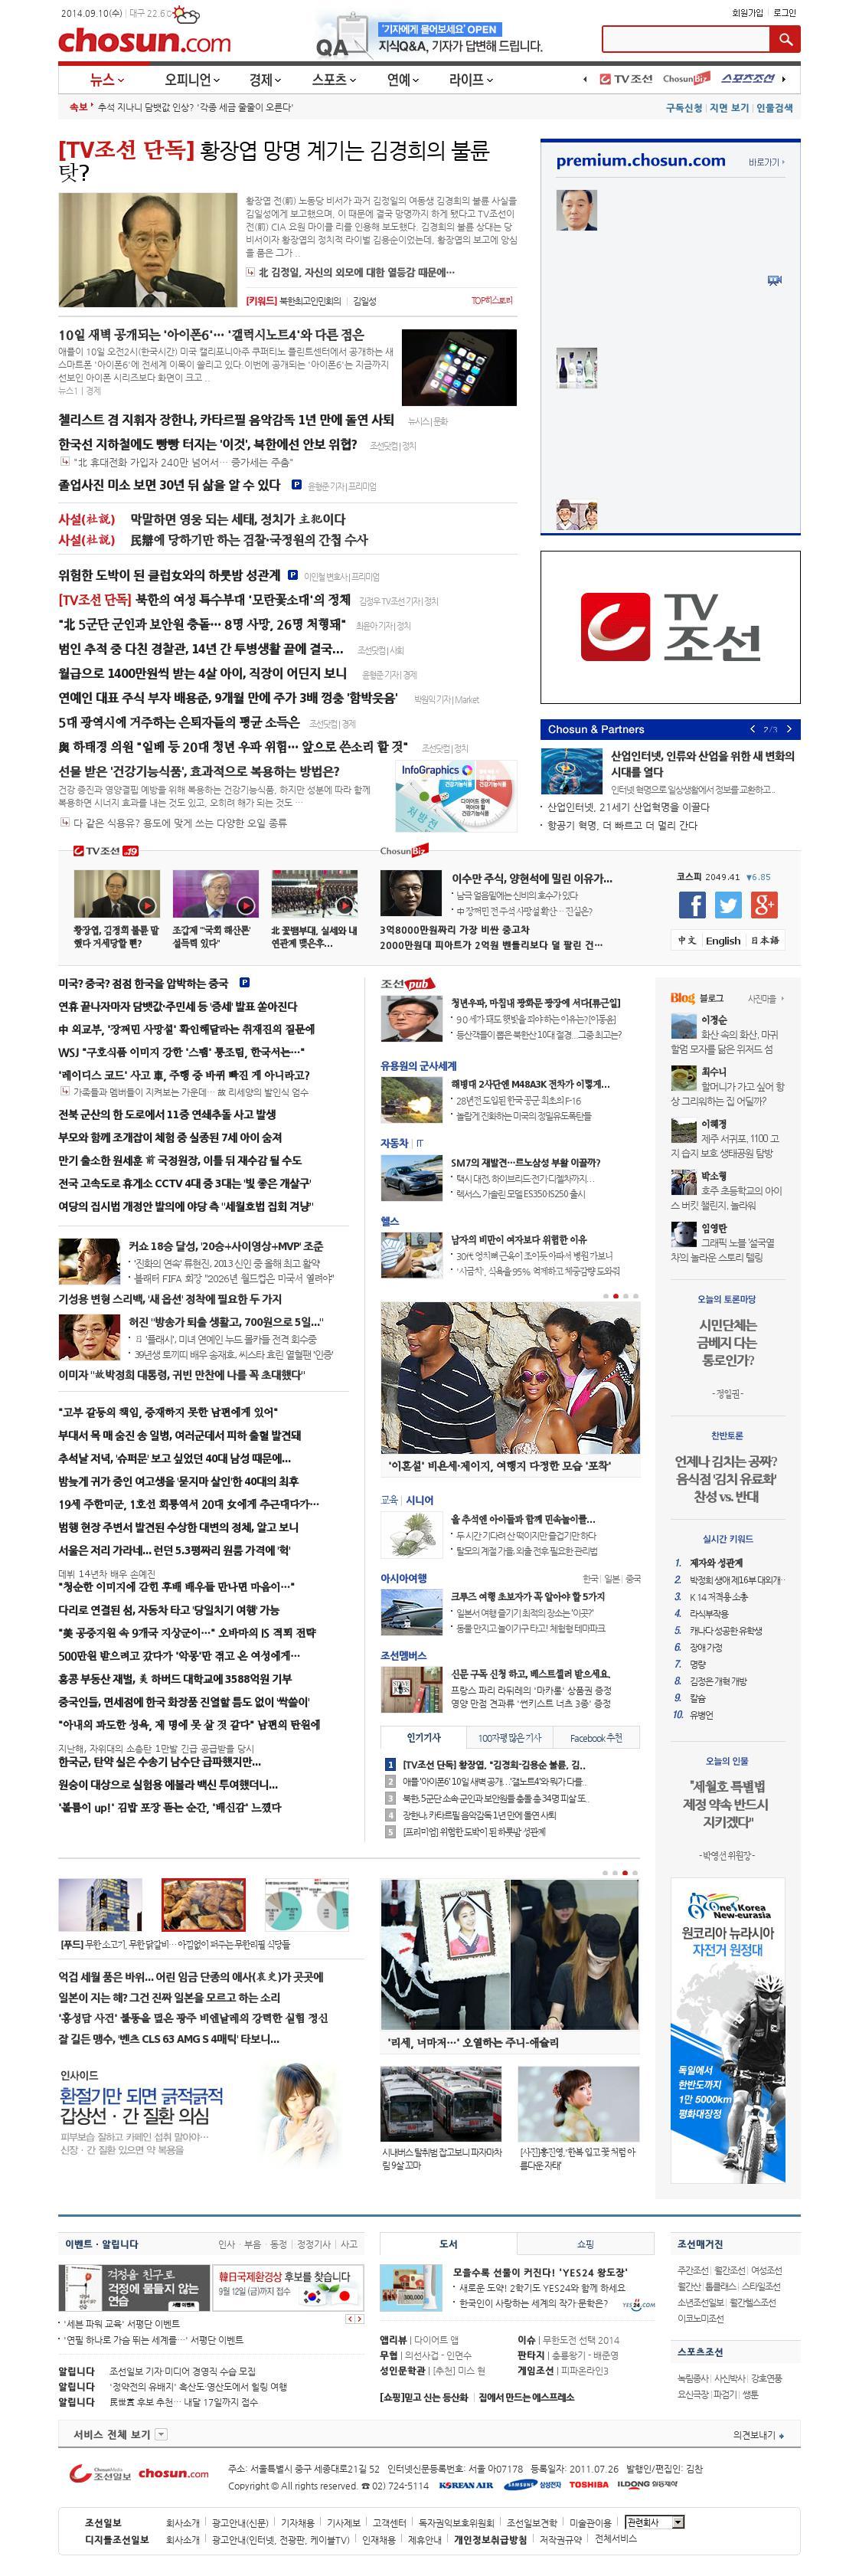 chosun.com at Tuesday Sept. 9, 2014, 6:02 p.m. UTC